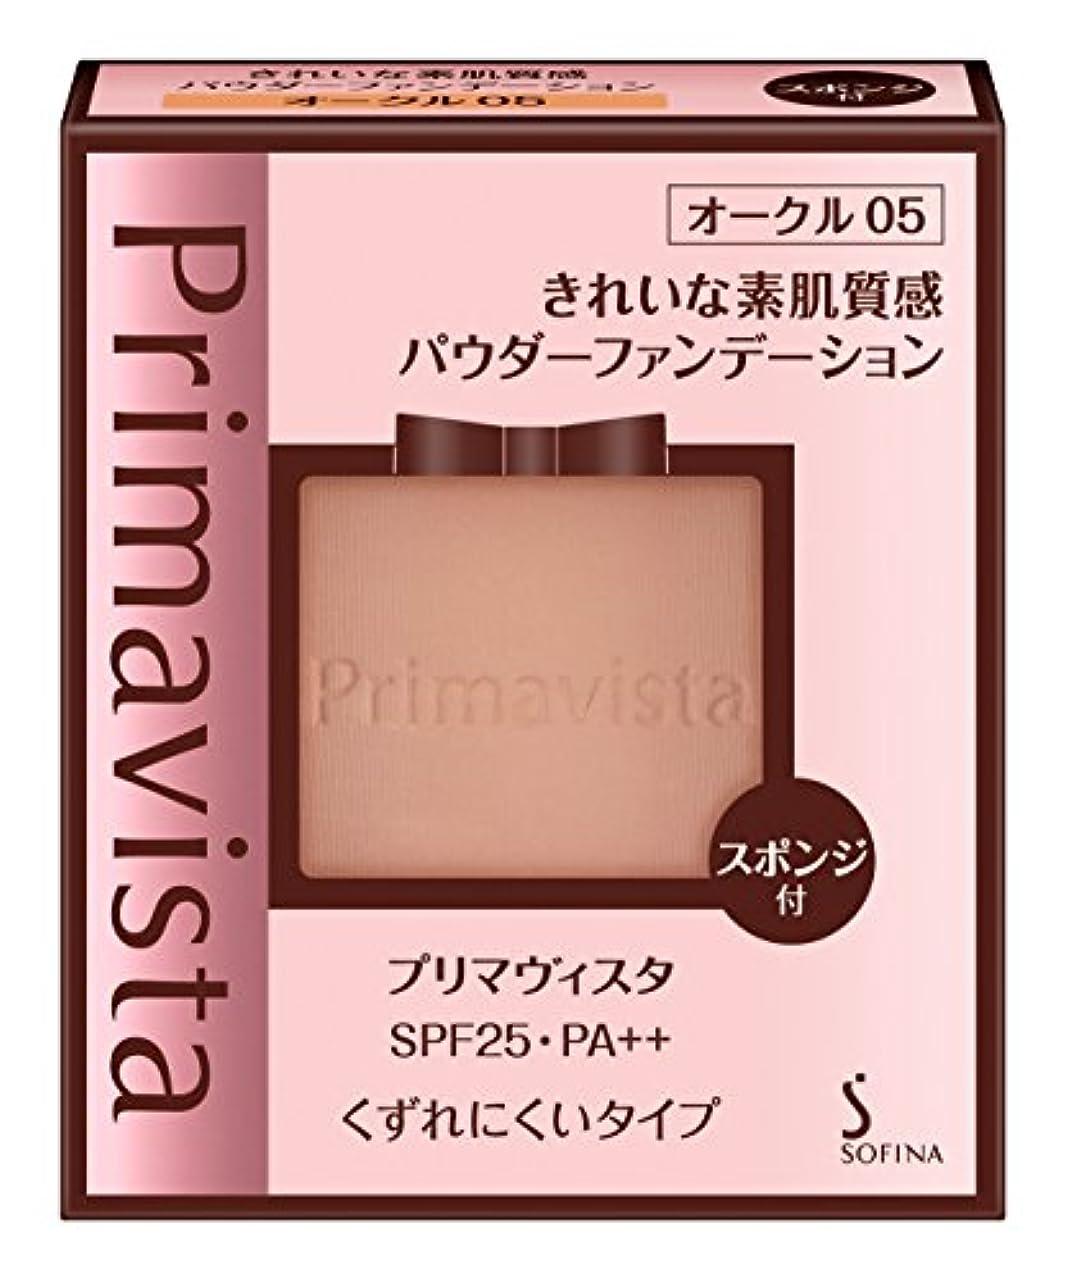 リーチインキュバス頼むプリマヴィスタ きれいな素肌質感パウダーファンデーション オークル05 SPF25 PA++ 9g